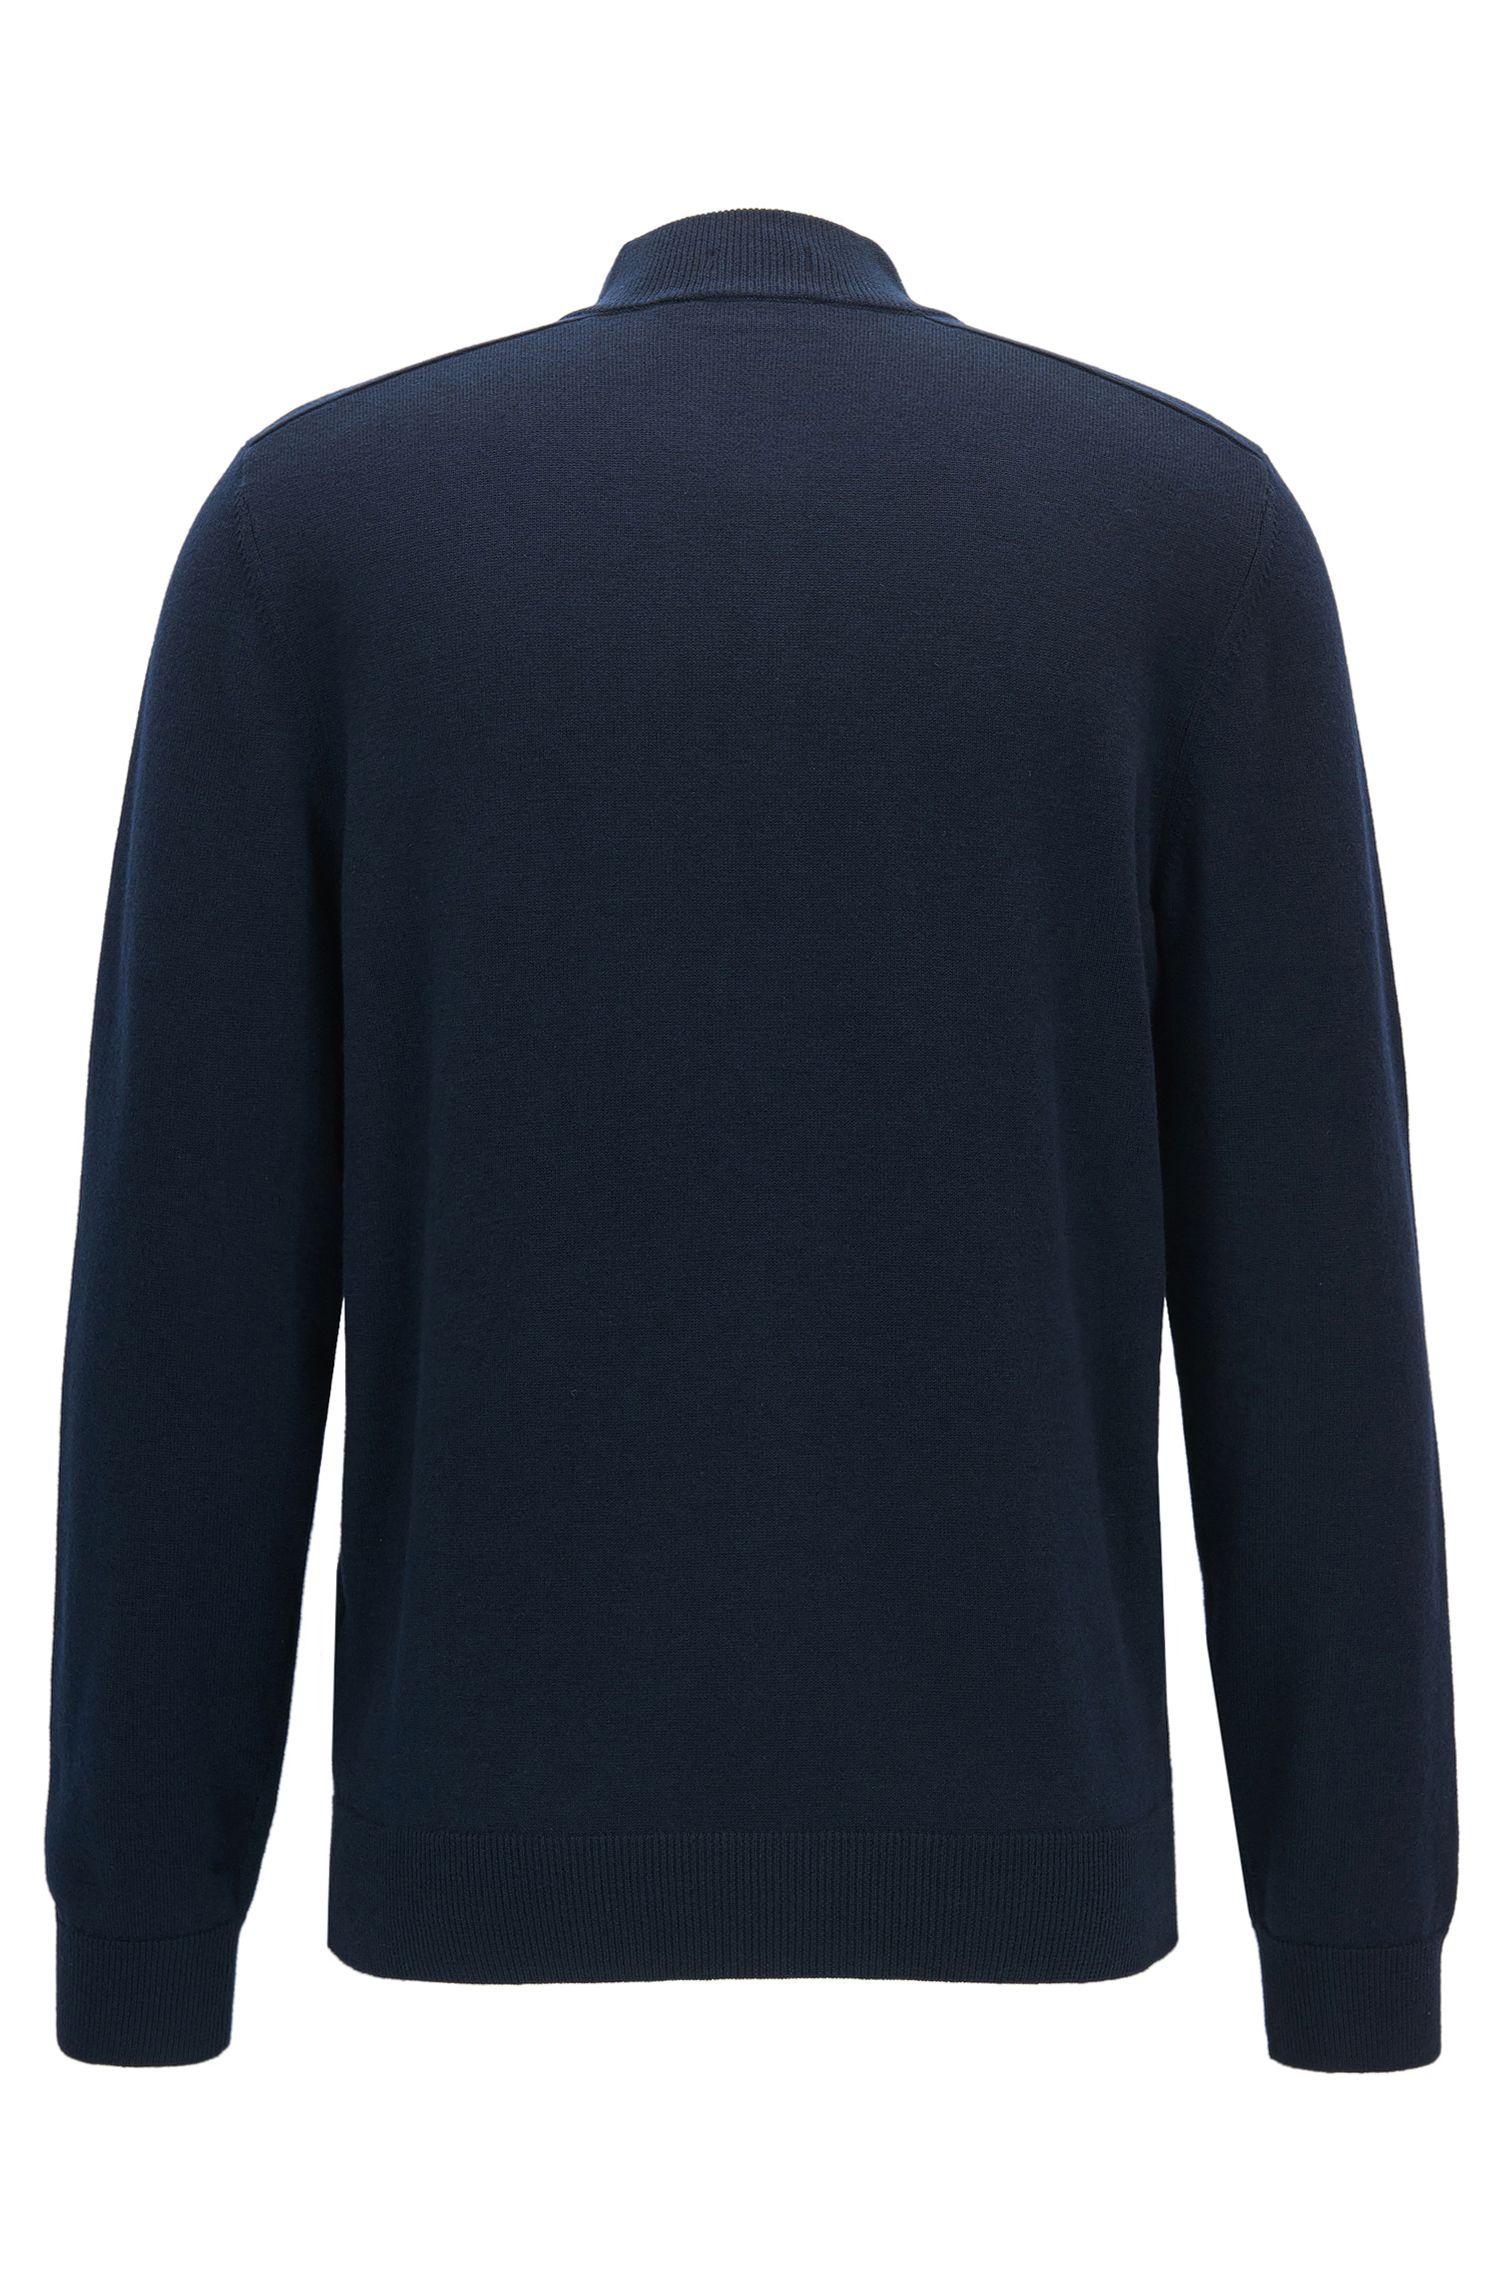 Cotton Virgin Wool Sweater | Napoleone